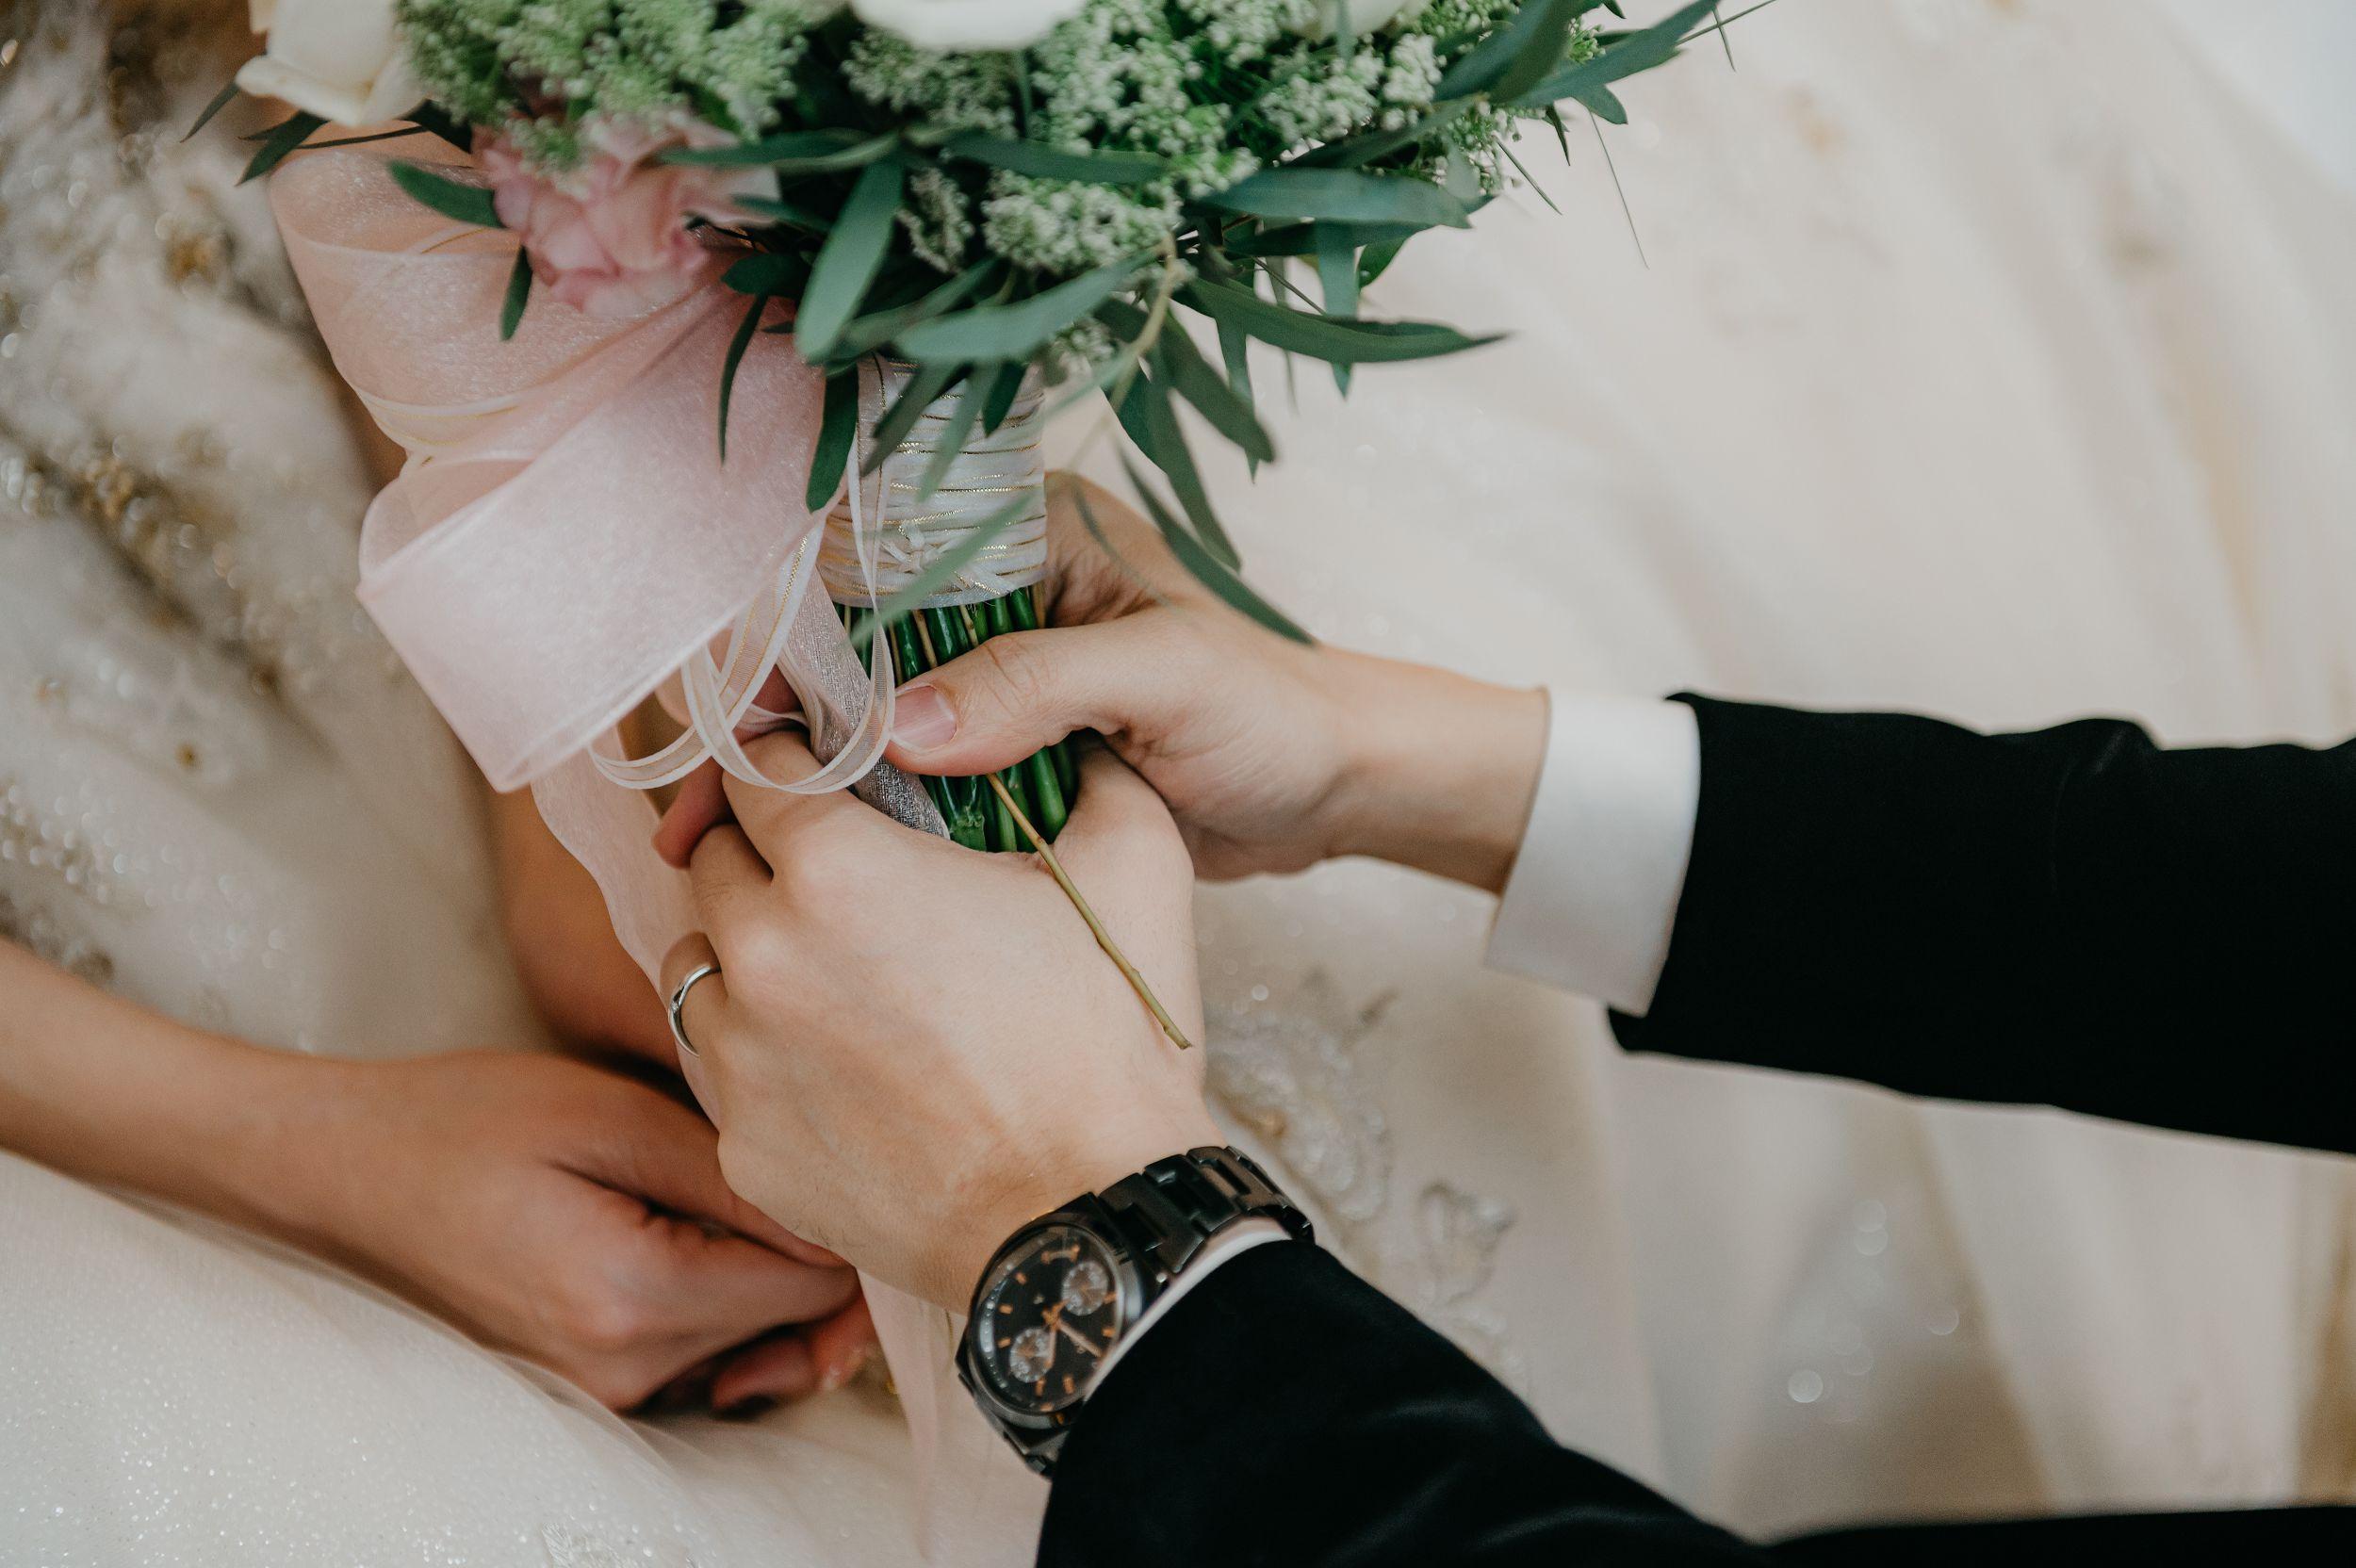 婚禮紀錄,婚攝,福容大飯店,雙機攝影,婚攝推薦,新娘物語推薦,風雲20攝影師,文定儀式,迎娶儀式,囍,闖關,文雅先生,莉維亞歐美頂級手工婚紗,西服,禮服,新秘造型,造型團隊,婚禮主持人,北部婚攝,婚禮攝影師,類婚紗,全家福,